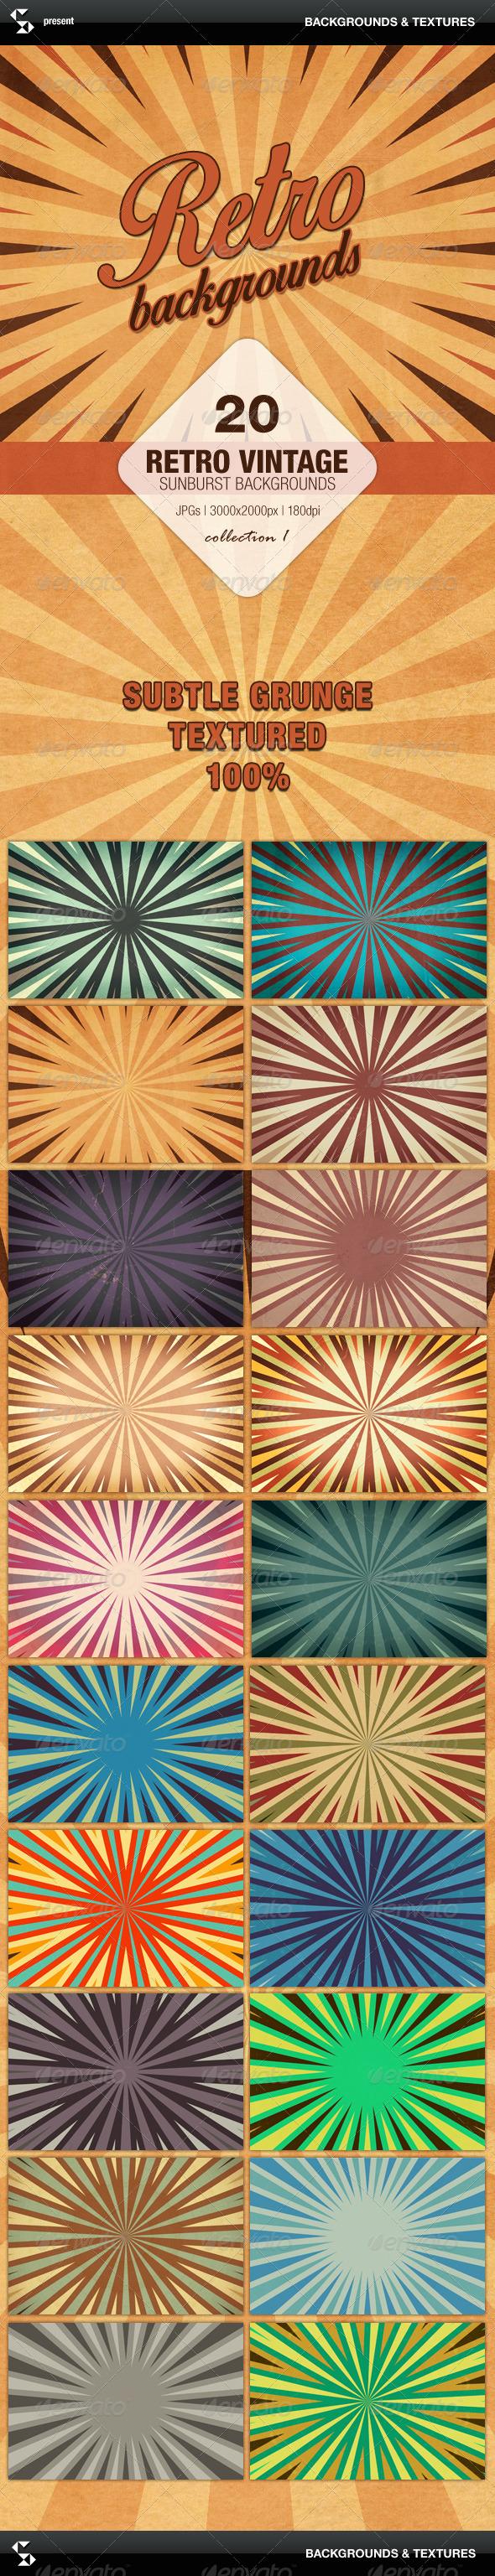 Retro Backgrounds - Vintage Sunburst Collection 1 - Miscellaneous Backgrounds